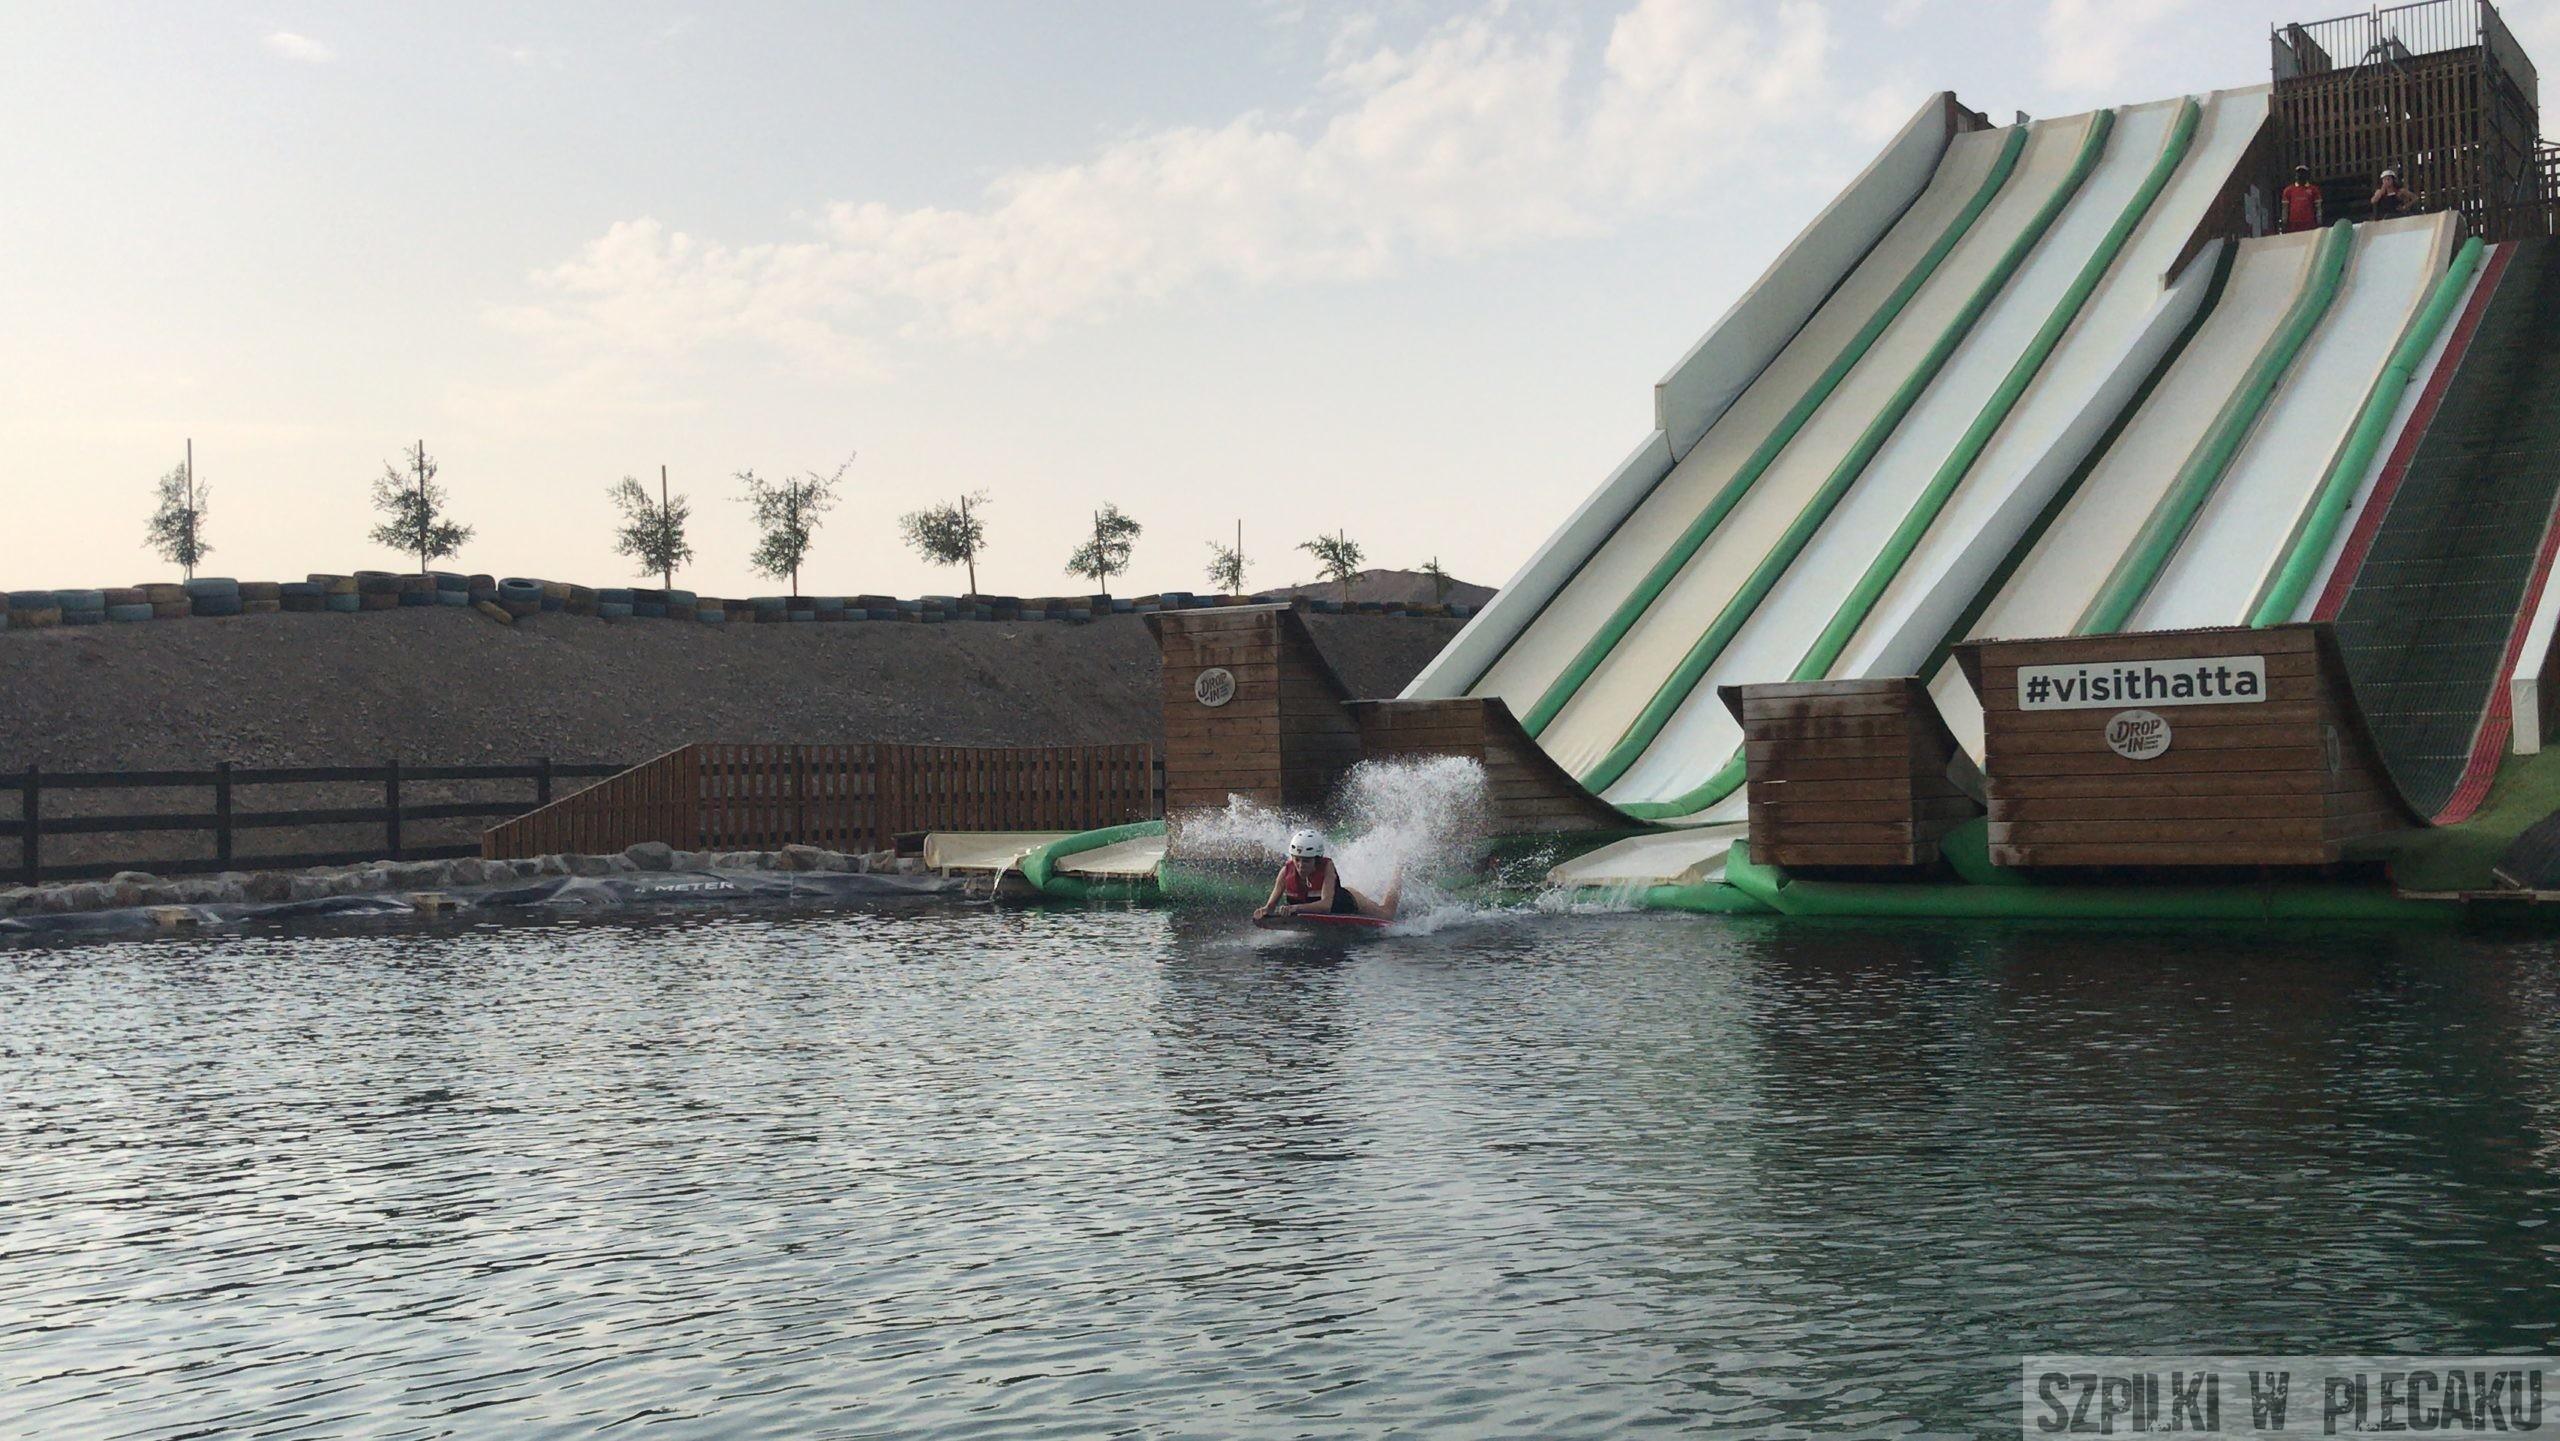 zjeżdżalnie wodne HATTA - Dubaj inaczej z przygodą i adrenaliną - Szpilki w plecaku